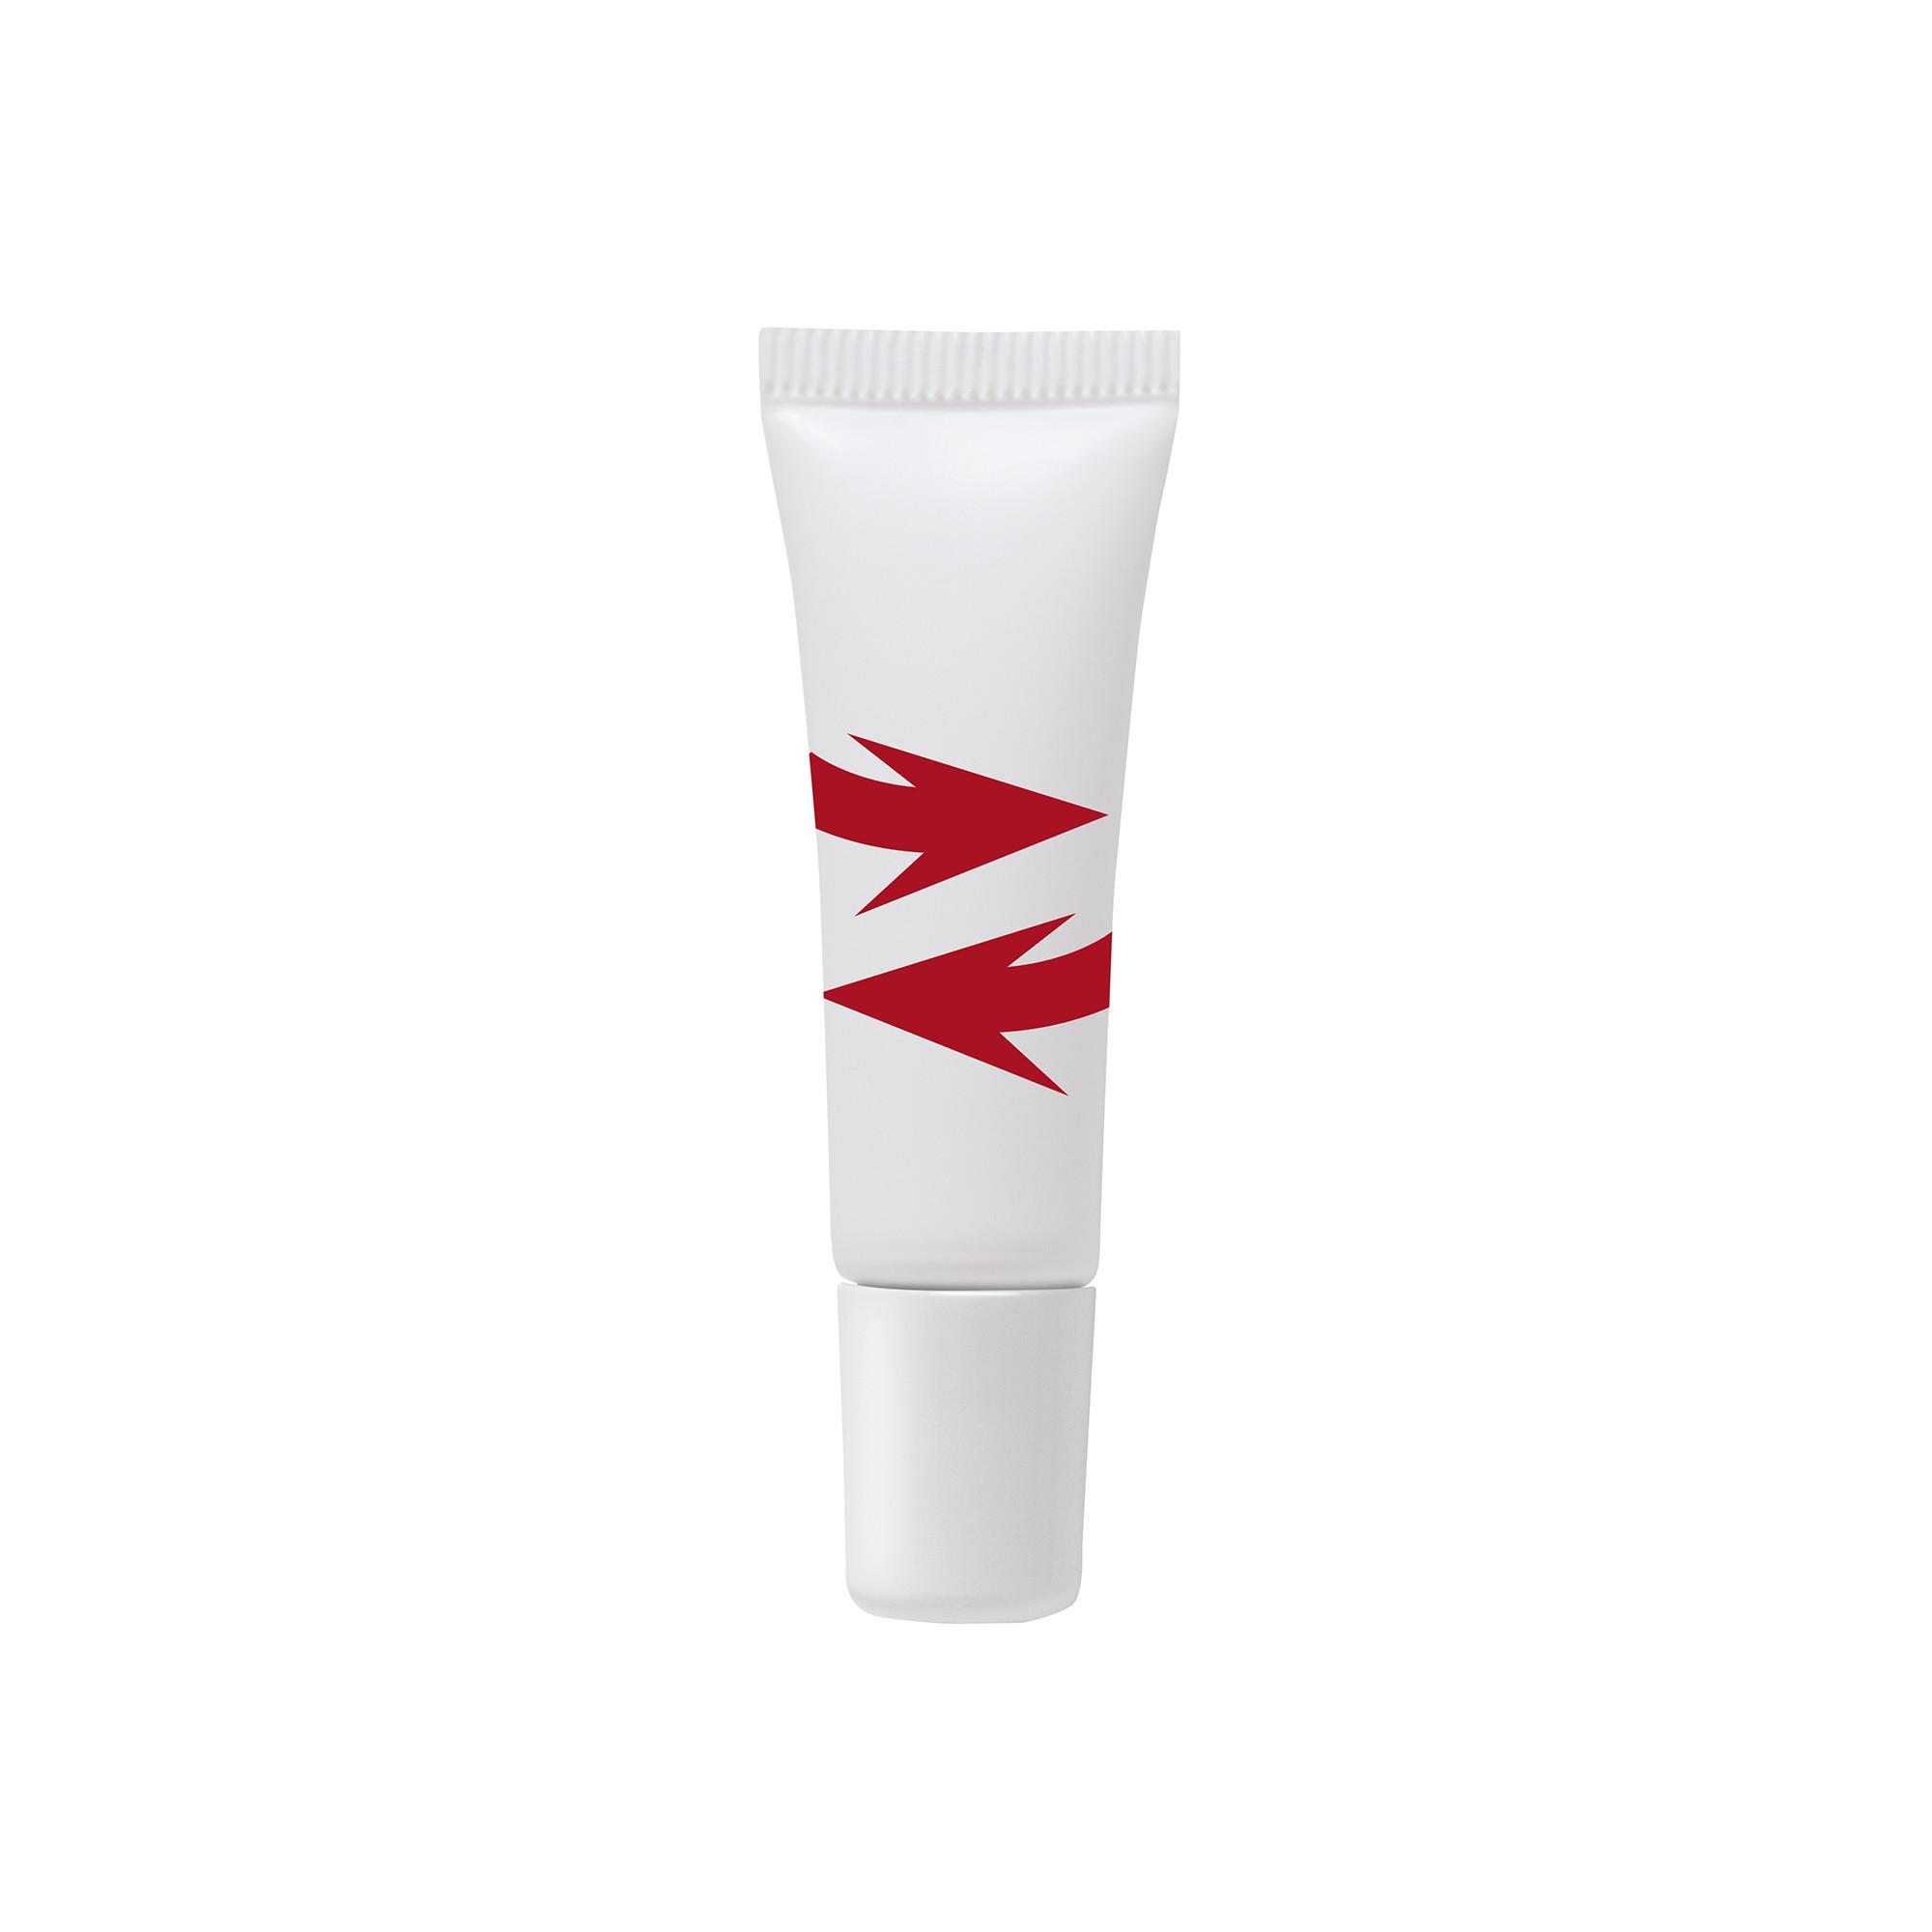 Lippenbalsam Tube 6ml zur Lippenpflege